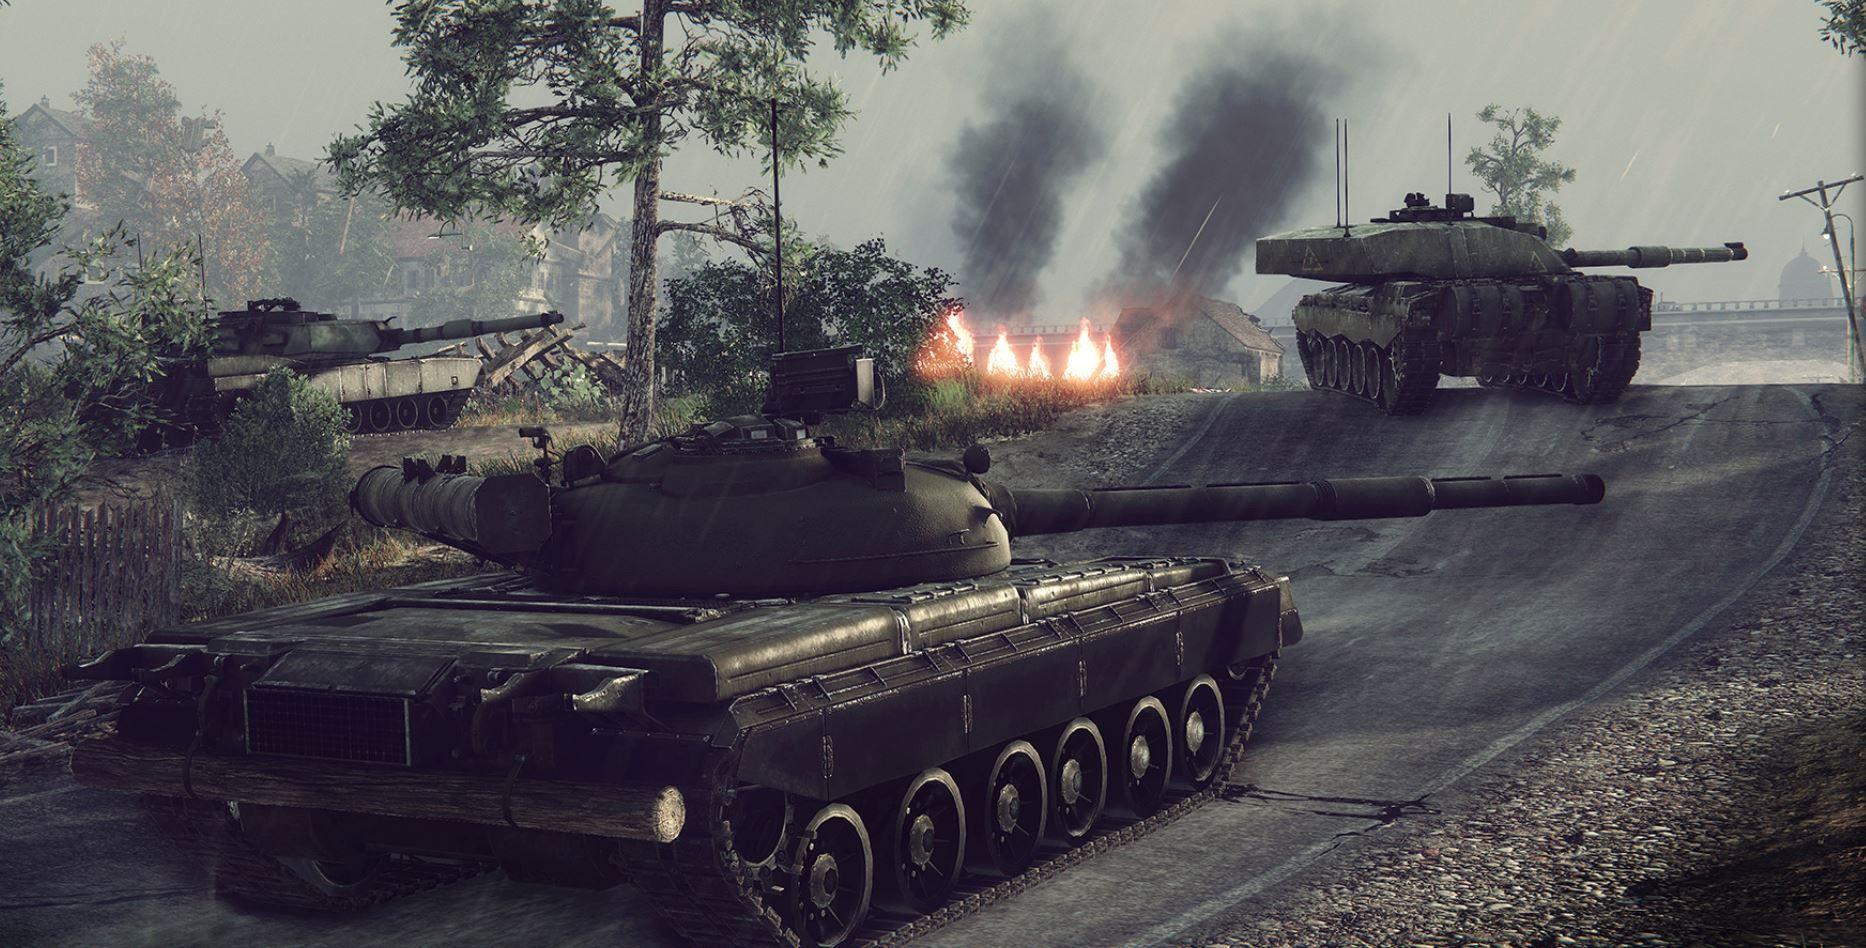 Panzer-MMO Armored Warfare angekündigt  Obsidian Entertainment haben auf der GDC bekannt gegeben, am kostenlosen Panzer-MMO Armored Warfare zu arbeiten.  Das Onlinespiel orientiert sich stark an World of Tanks. Ihr kommandiert mehrere Panzer in taktischen Teamschlachten oder in kooperativen Missionen. Dabei nutzt ihr die ...